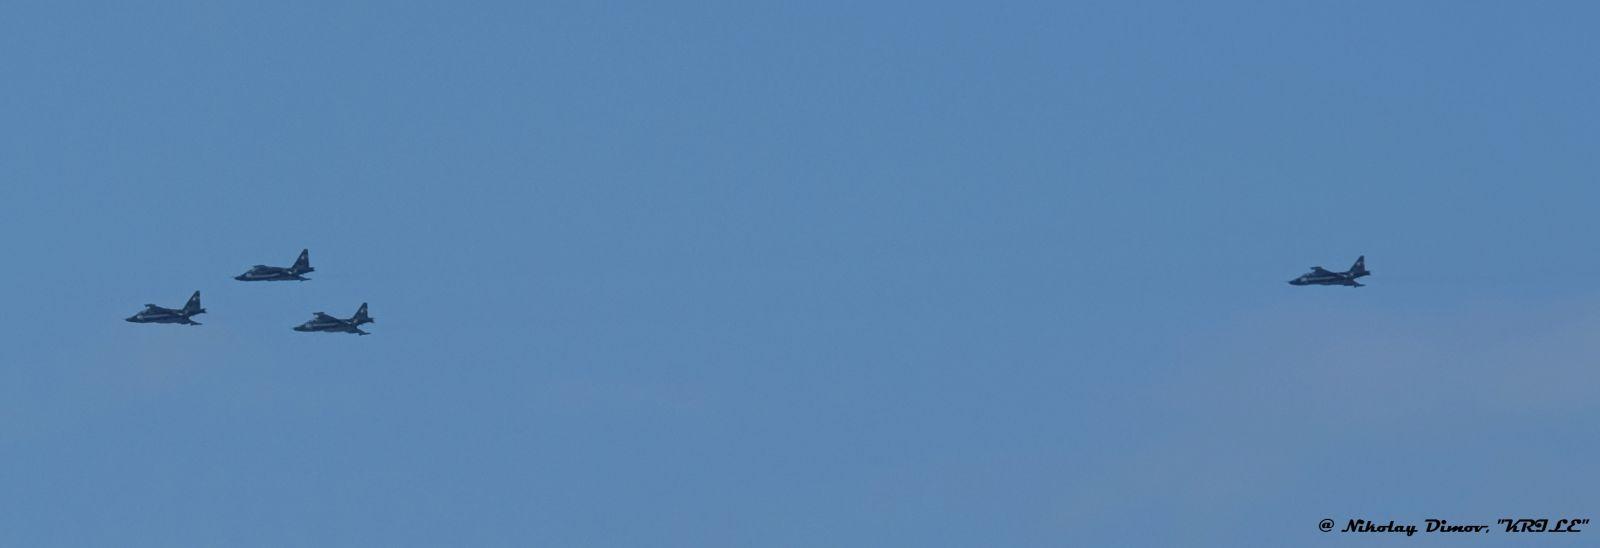 ГОЛЯМА ГАЛЕРИЯ: Пребазиране на самолети в авиобаза Граф Игнатиево за участие във въздушните демонстрации по случай 6 май